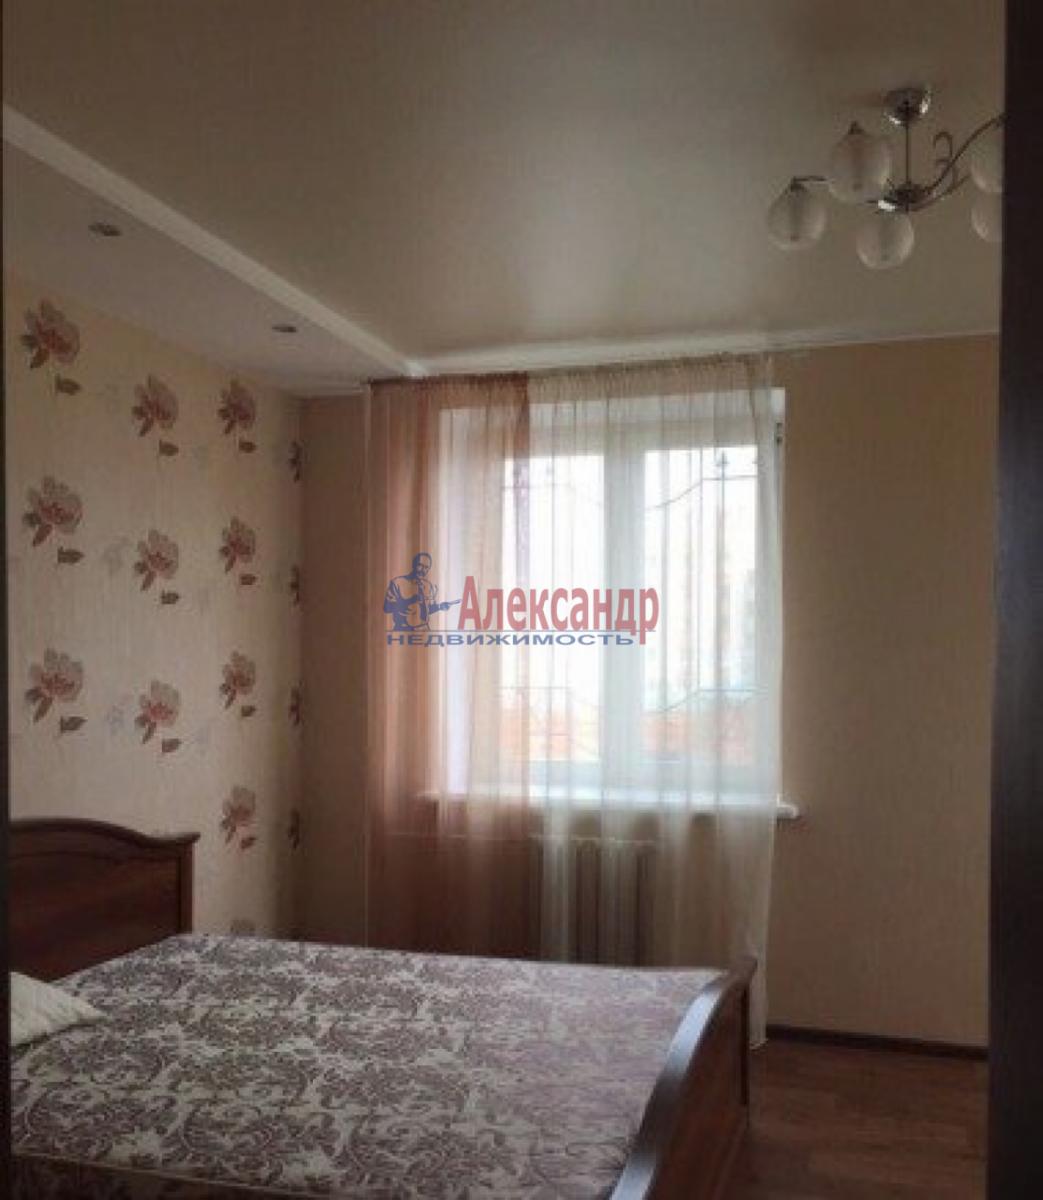 2-комнатная квартира (80м2) в аренду по адресу Космонавтов пр., 61— фото 3 из 5